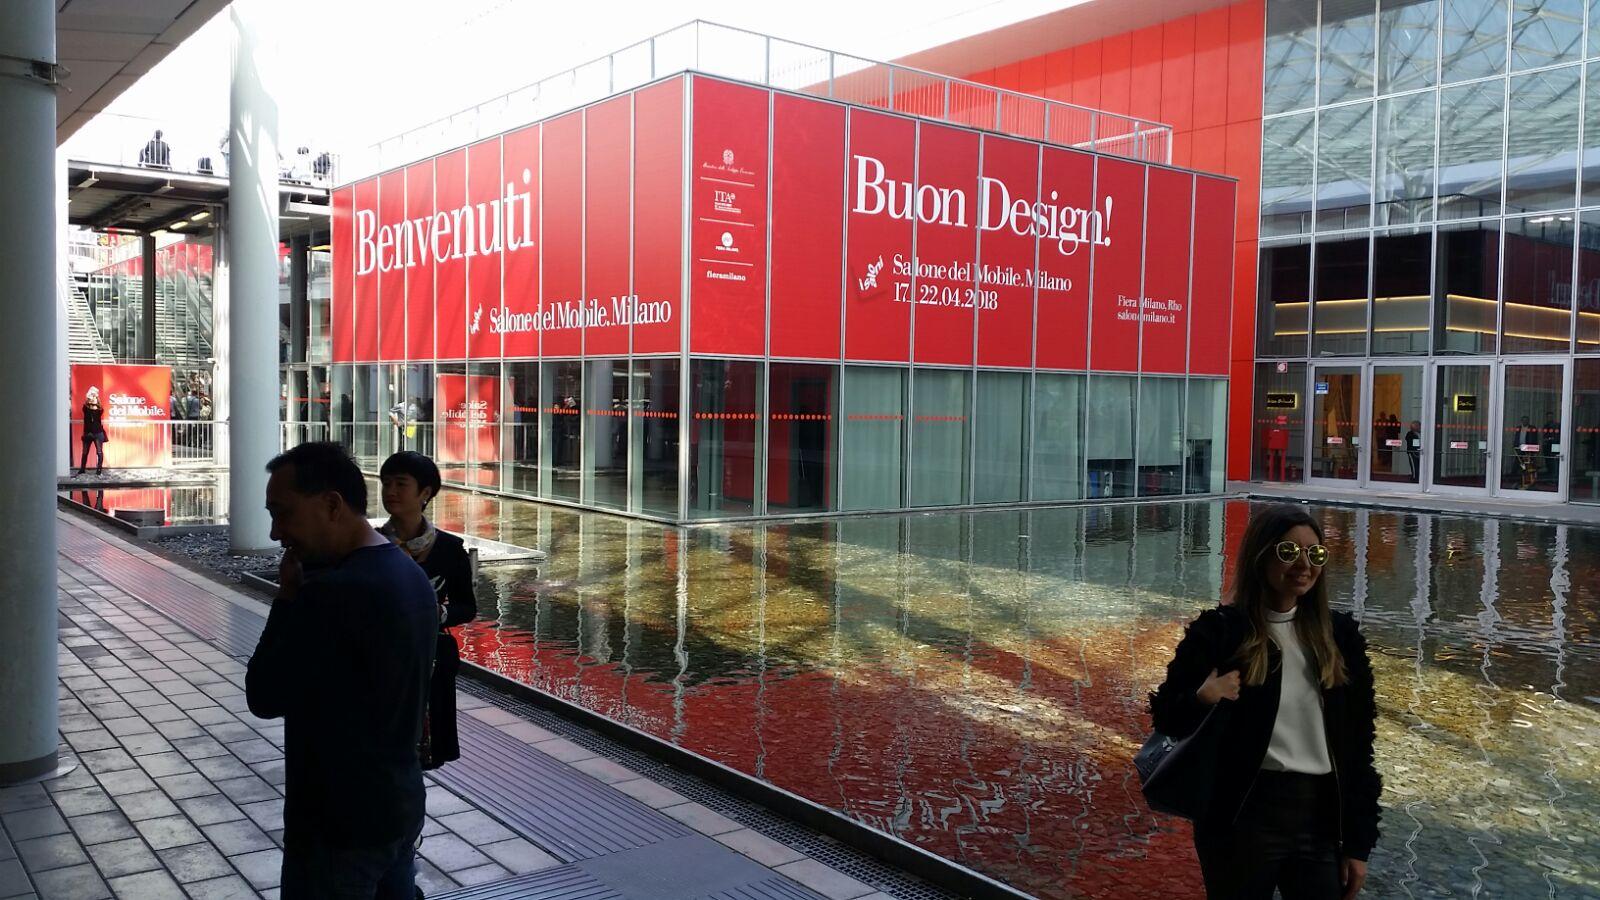 Salone del mobile protagoniste diverse scuole comasche for Scuole di design milano